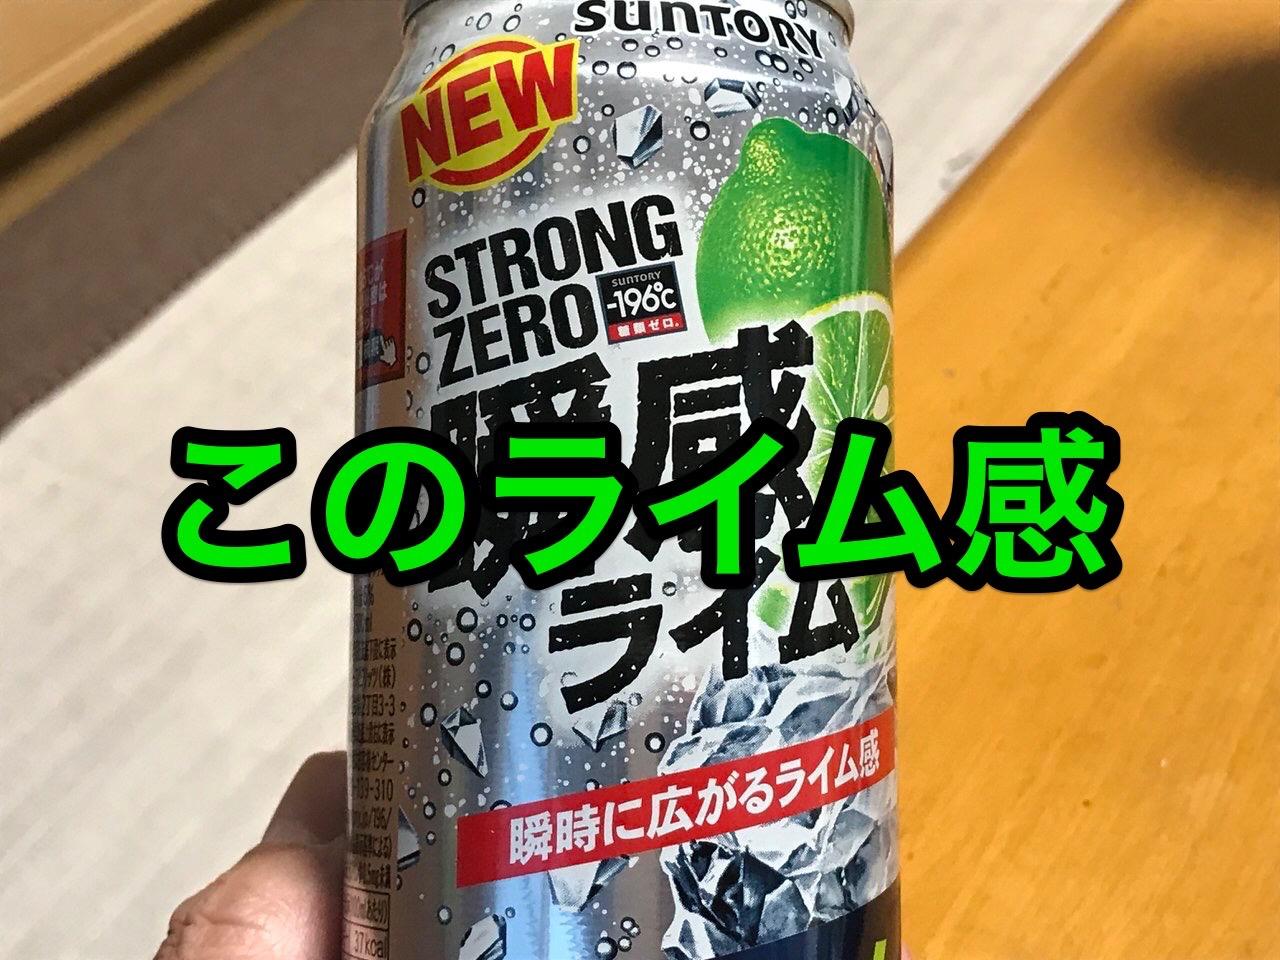 【ストロングゼロ】「瞬感ライム」甘くないライムが美味い!【感想】